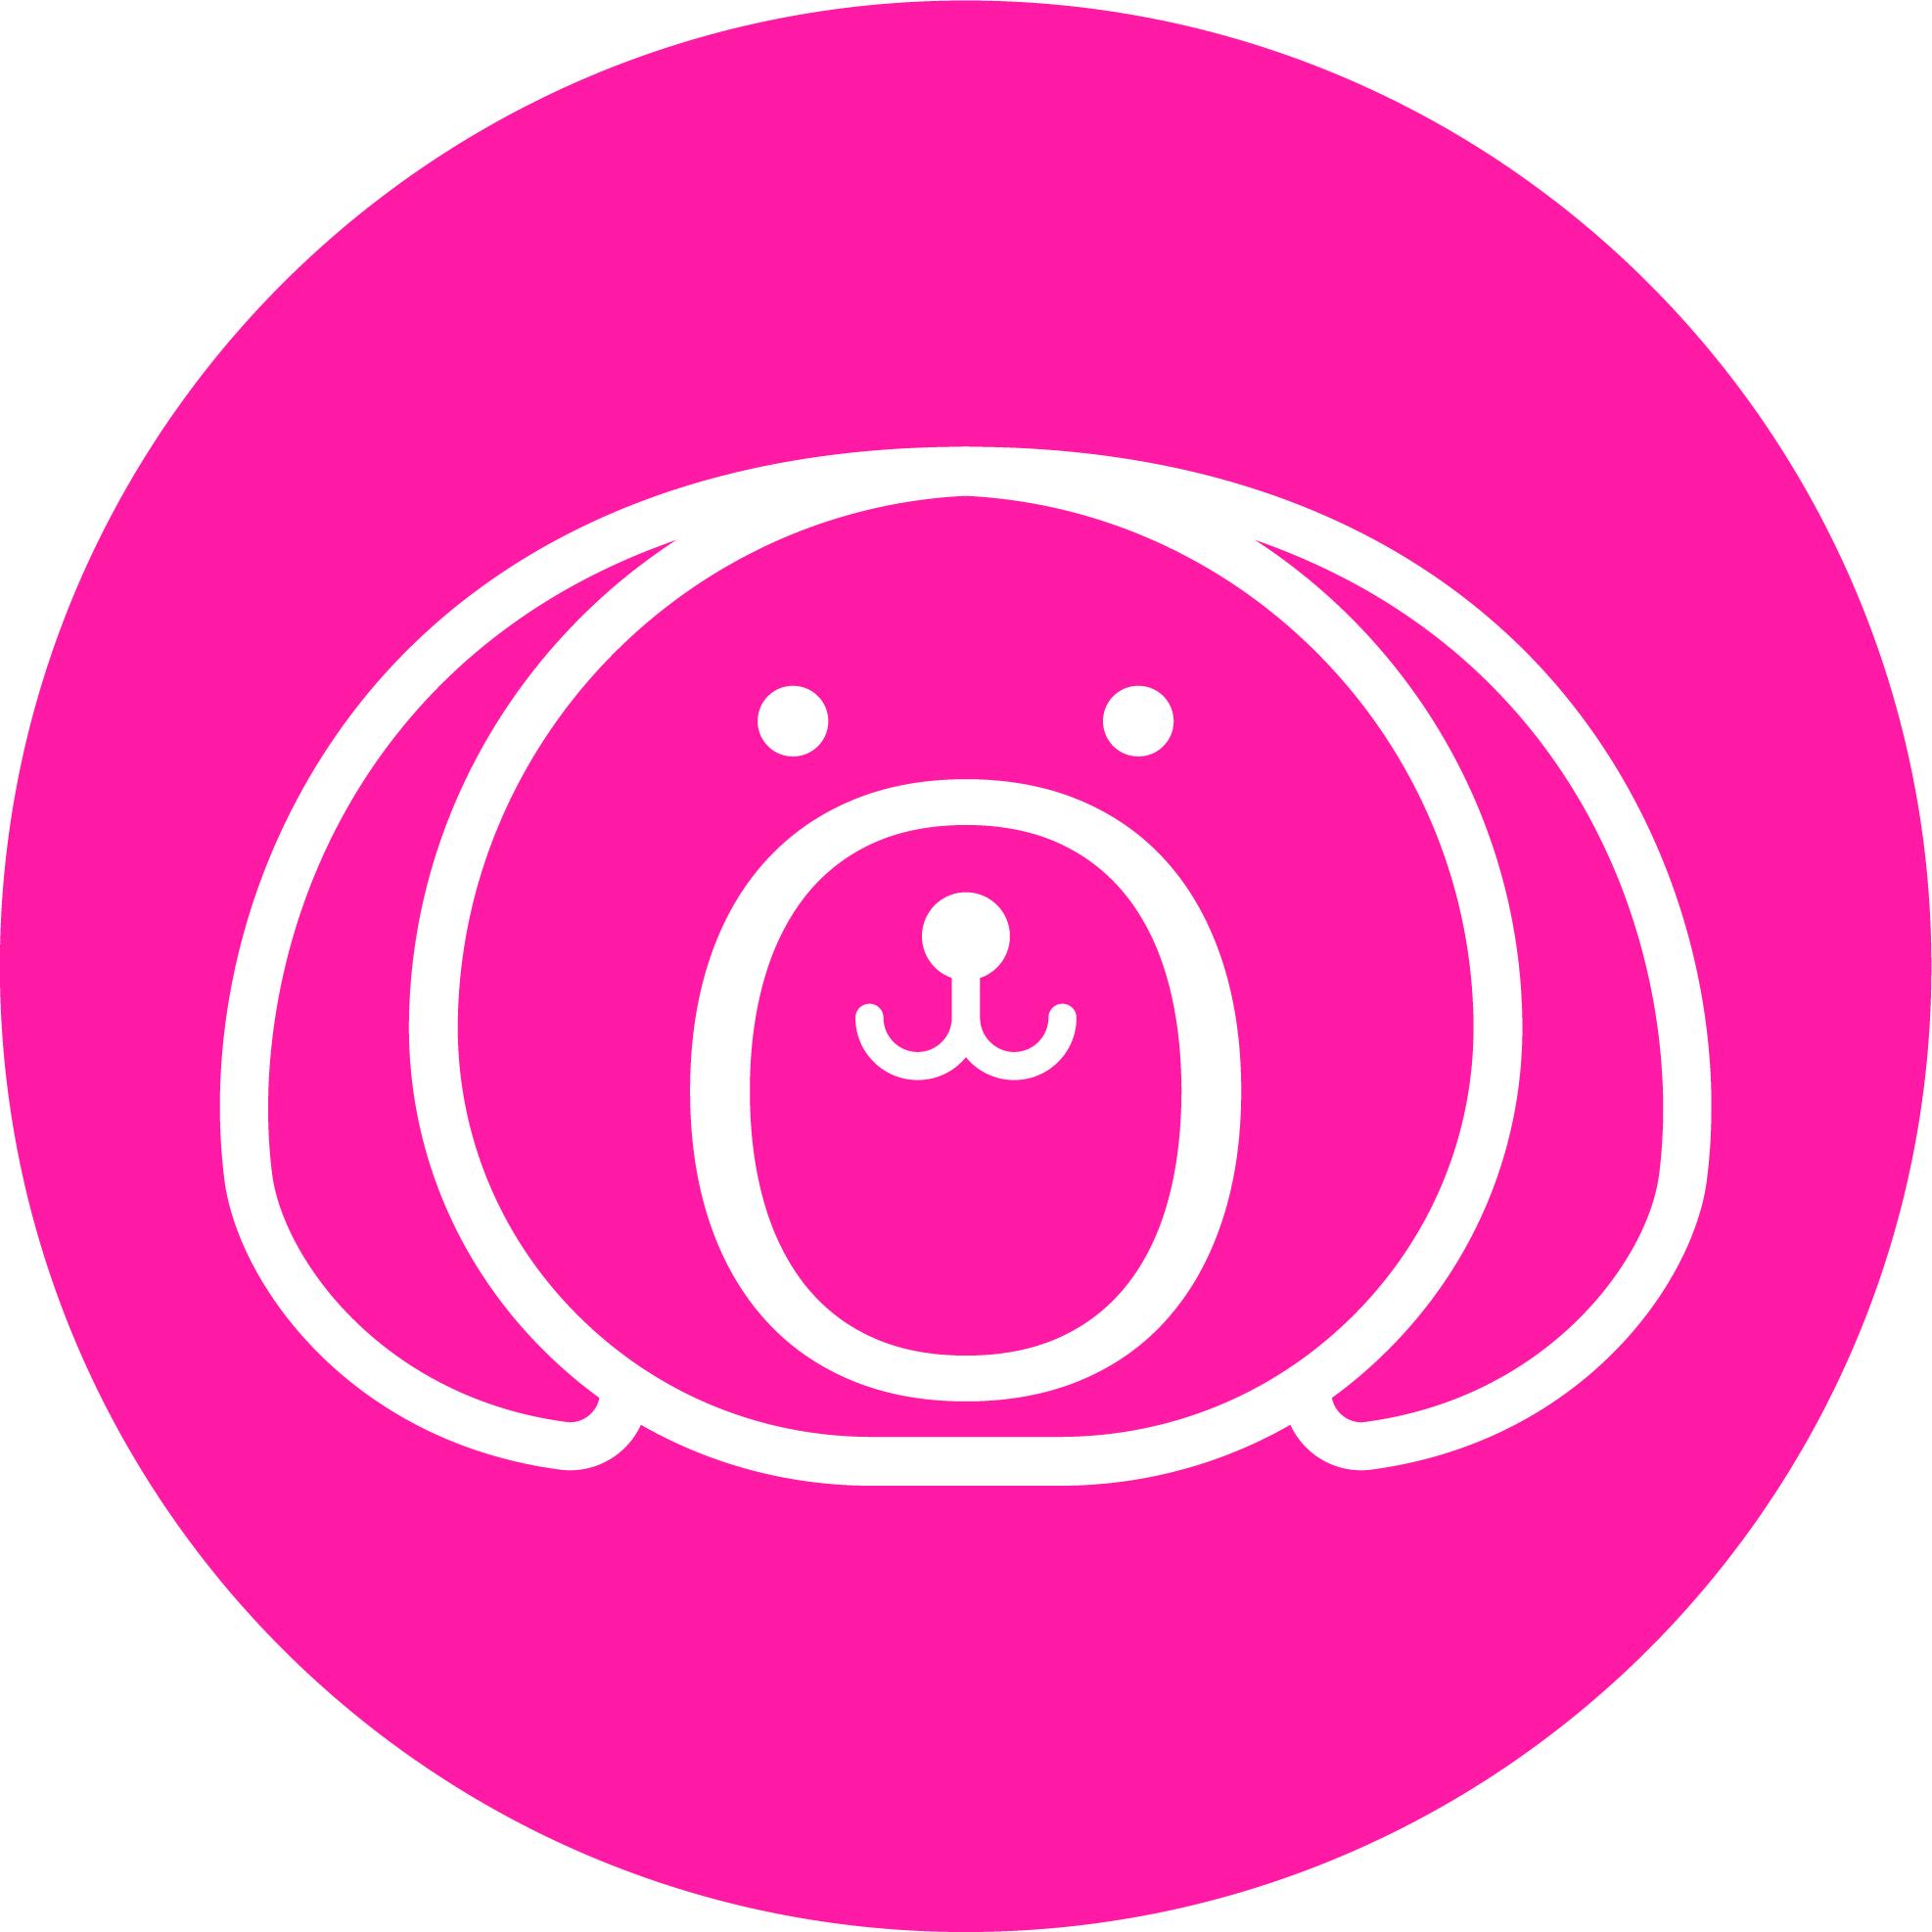 Bob & Lulu - Brandmark - Sticker - White - Pink.jpg